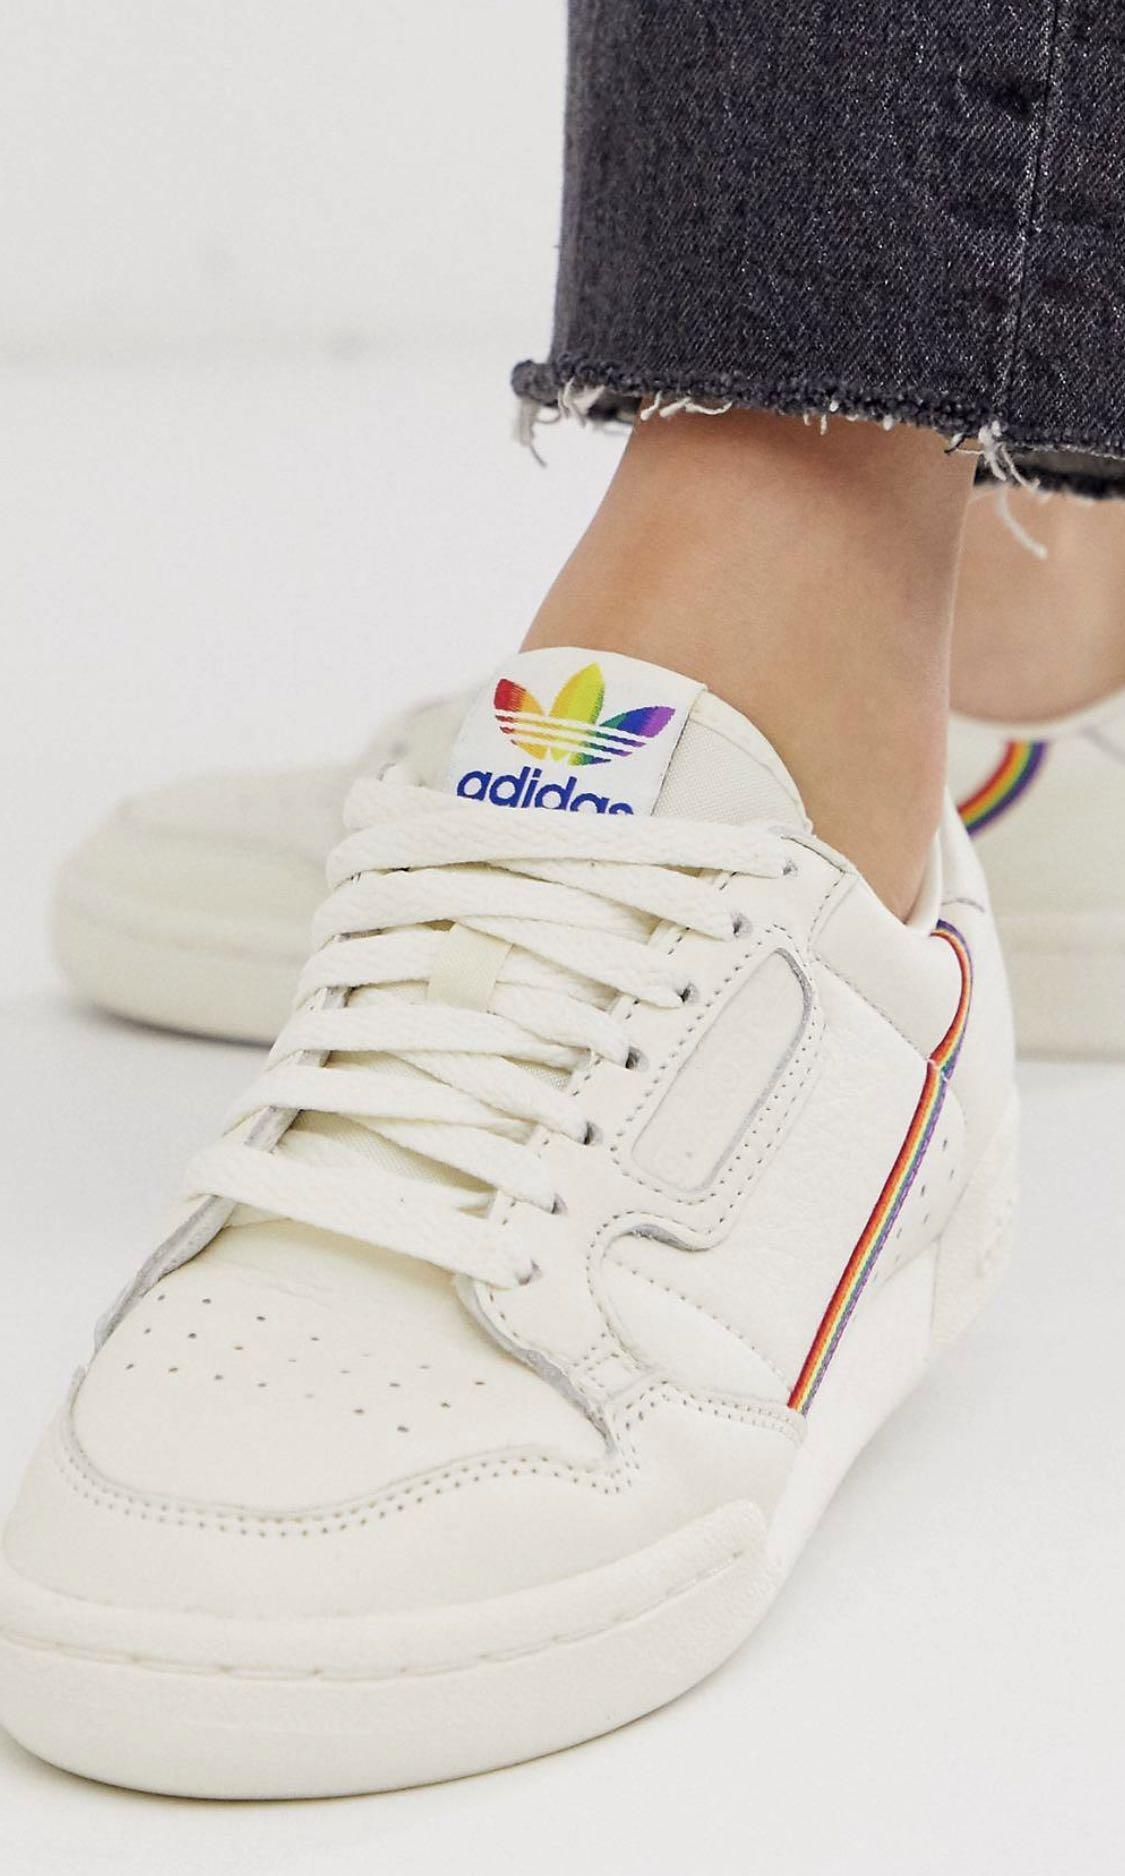 Adidas Originals Continental 80 Pride | Space23